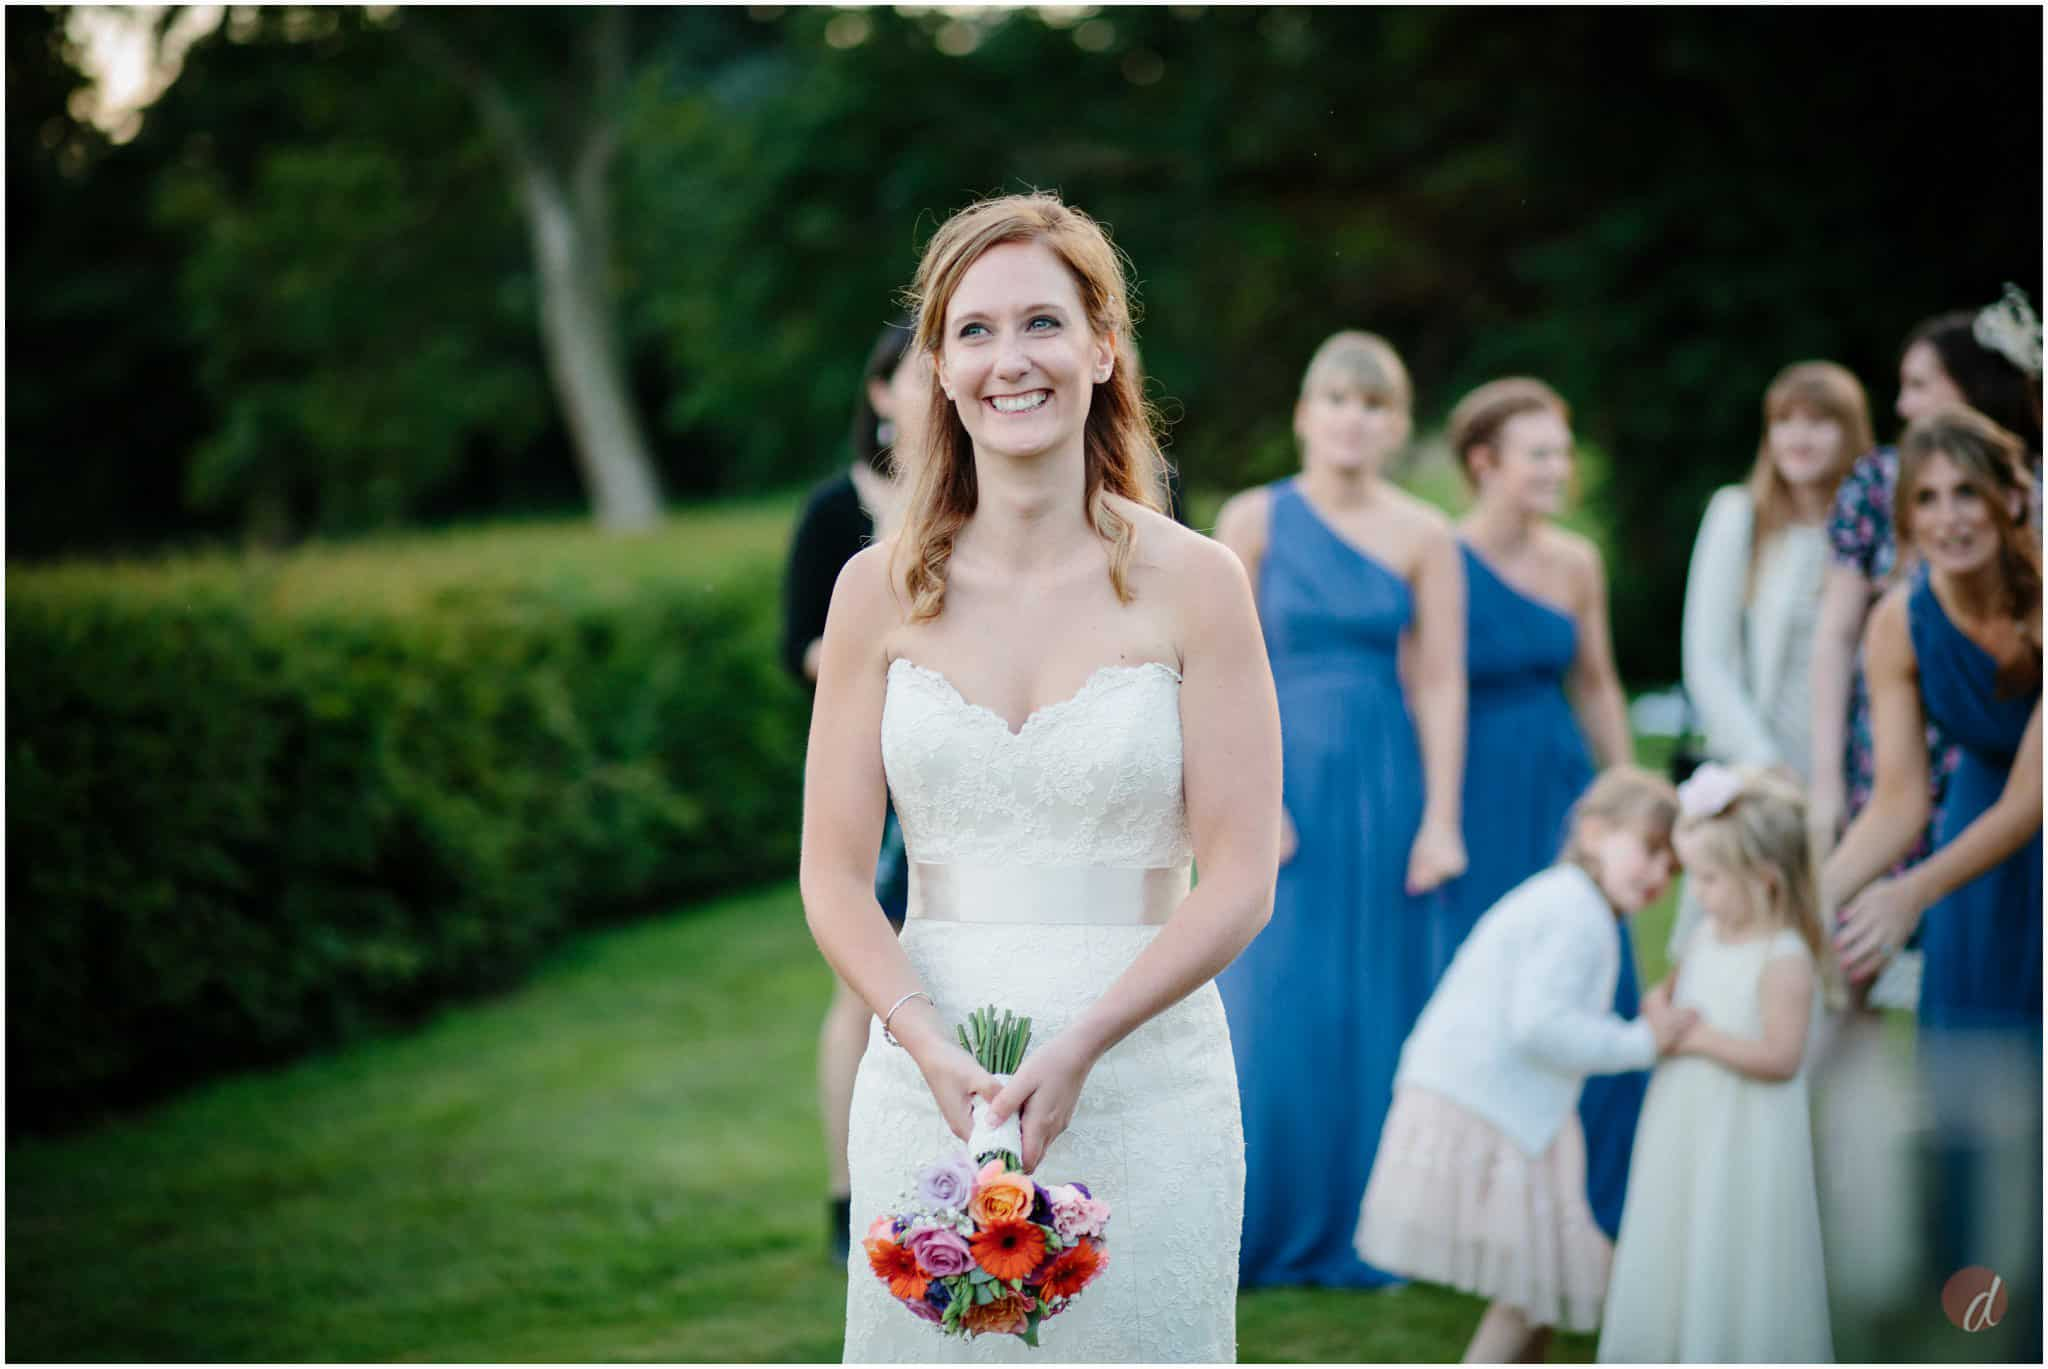 bouquet toss at wedding